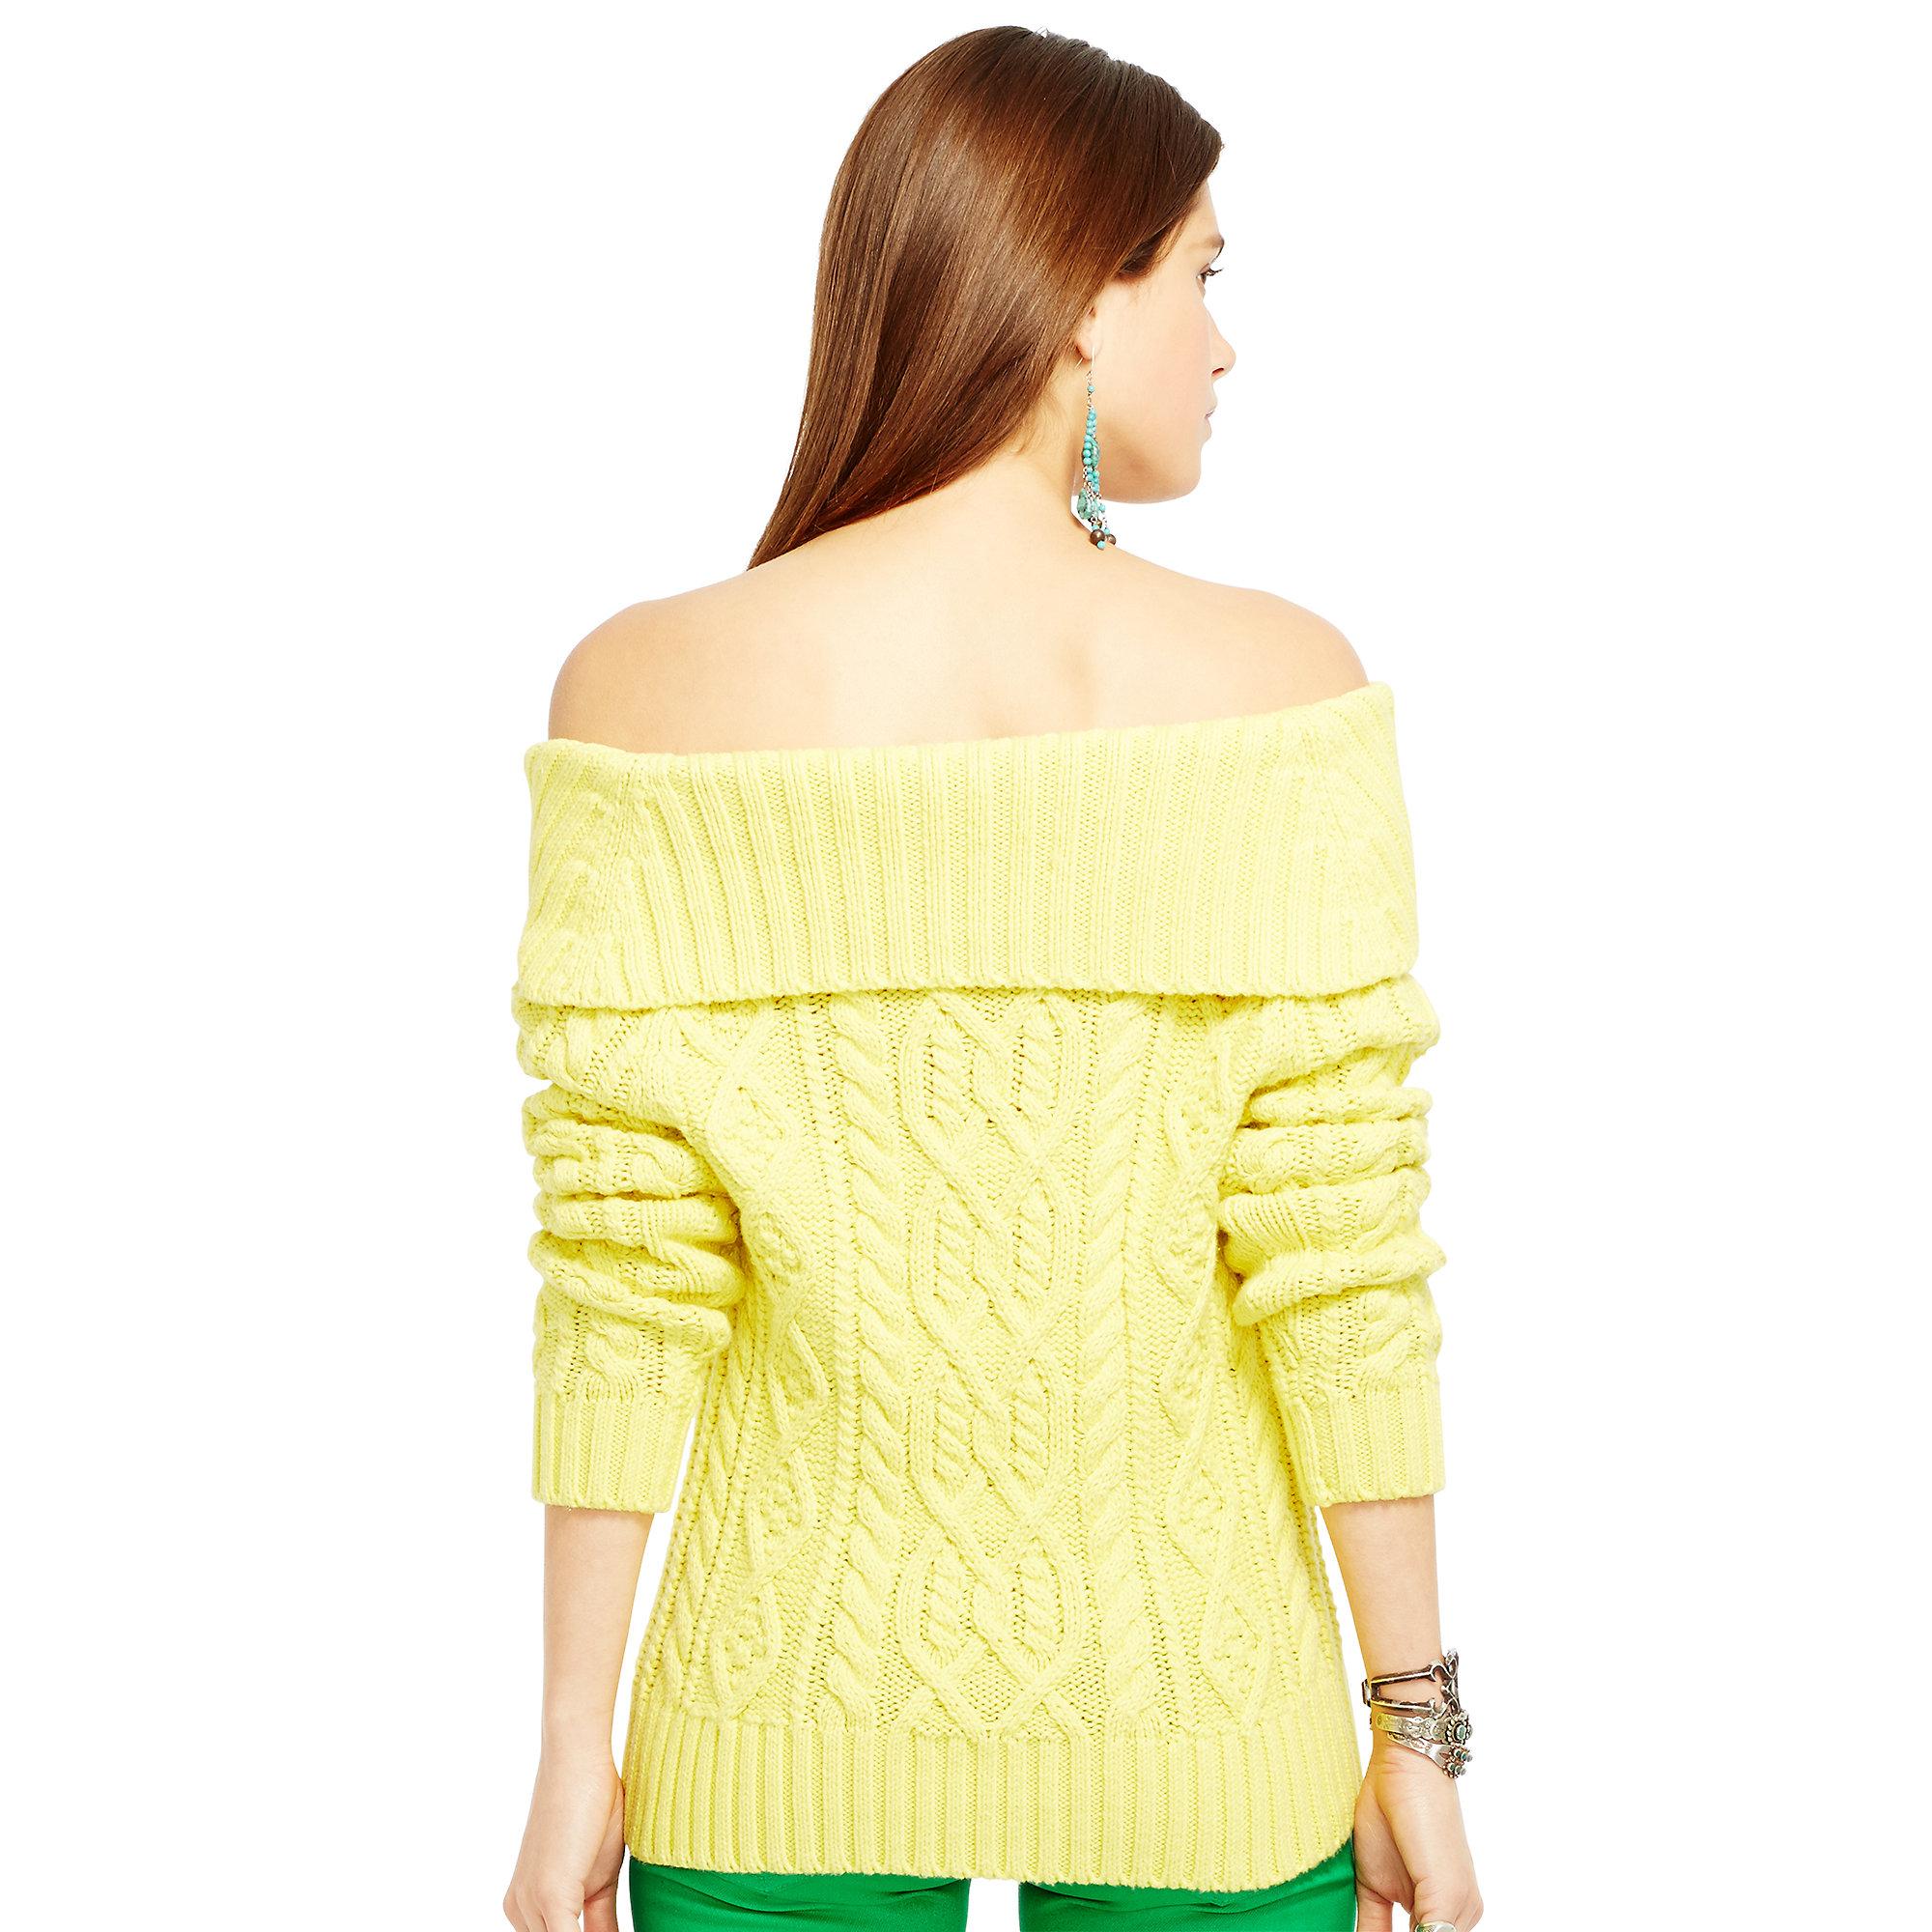 Ralph lauren Off-The-Shoulder Sweater in Yellow | Lyst